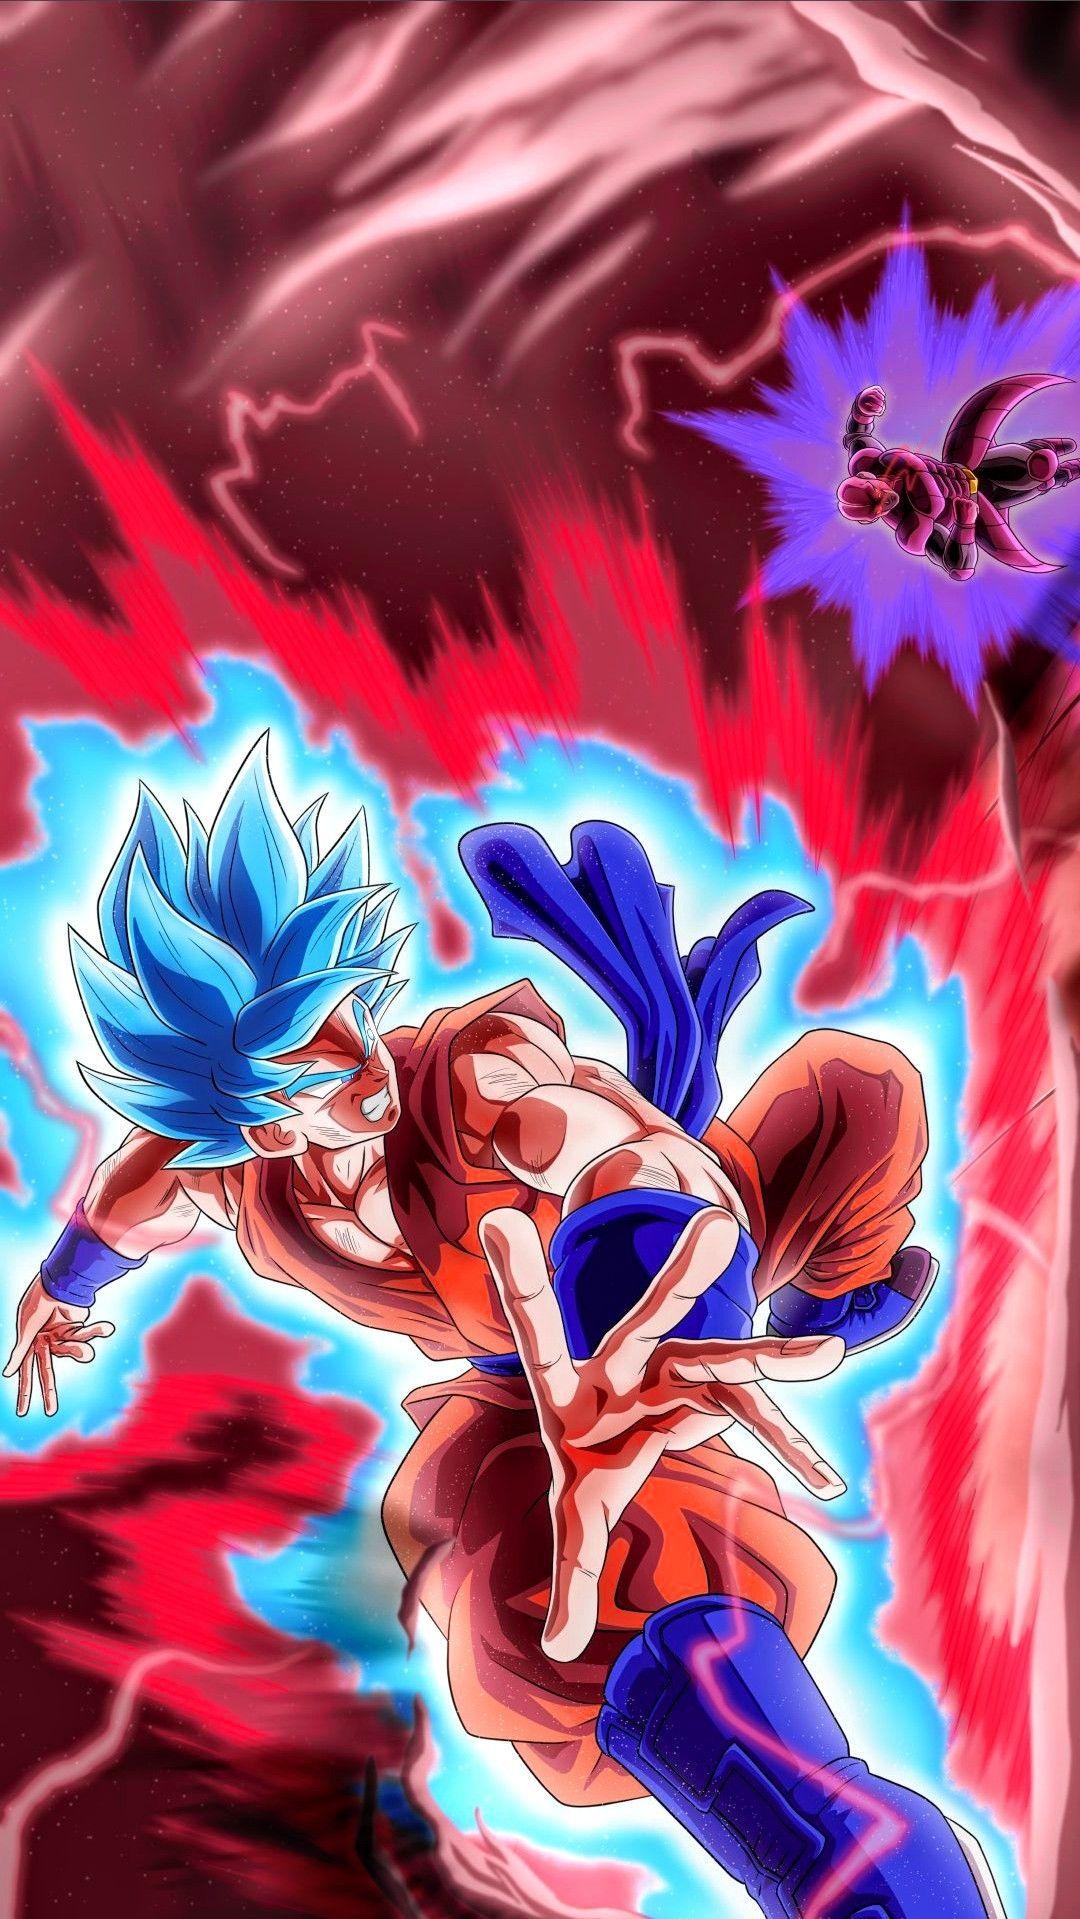 Goku Vs Hit By Monodoomz Anime Dragon Ball Super Dragon Ball Artwork Dragon Ball Art Goku